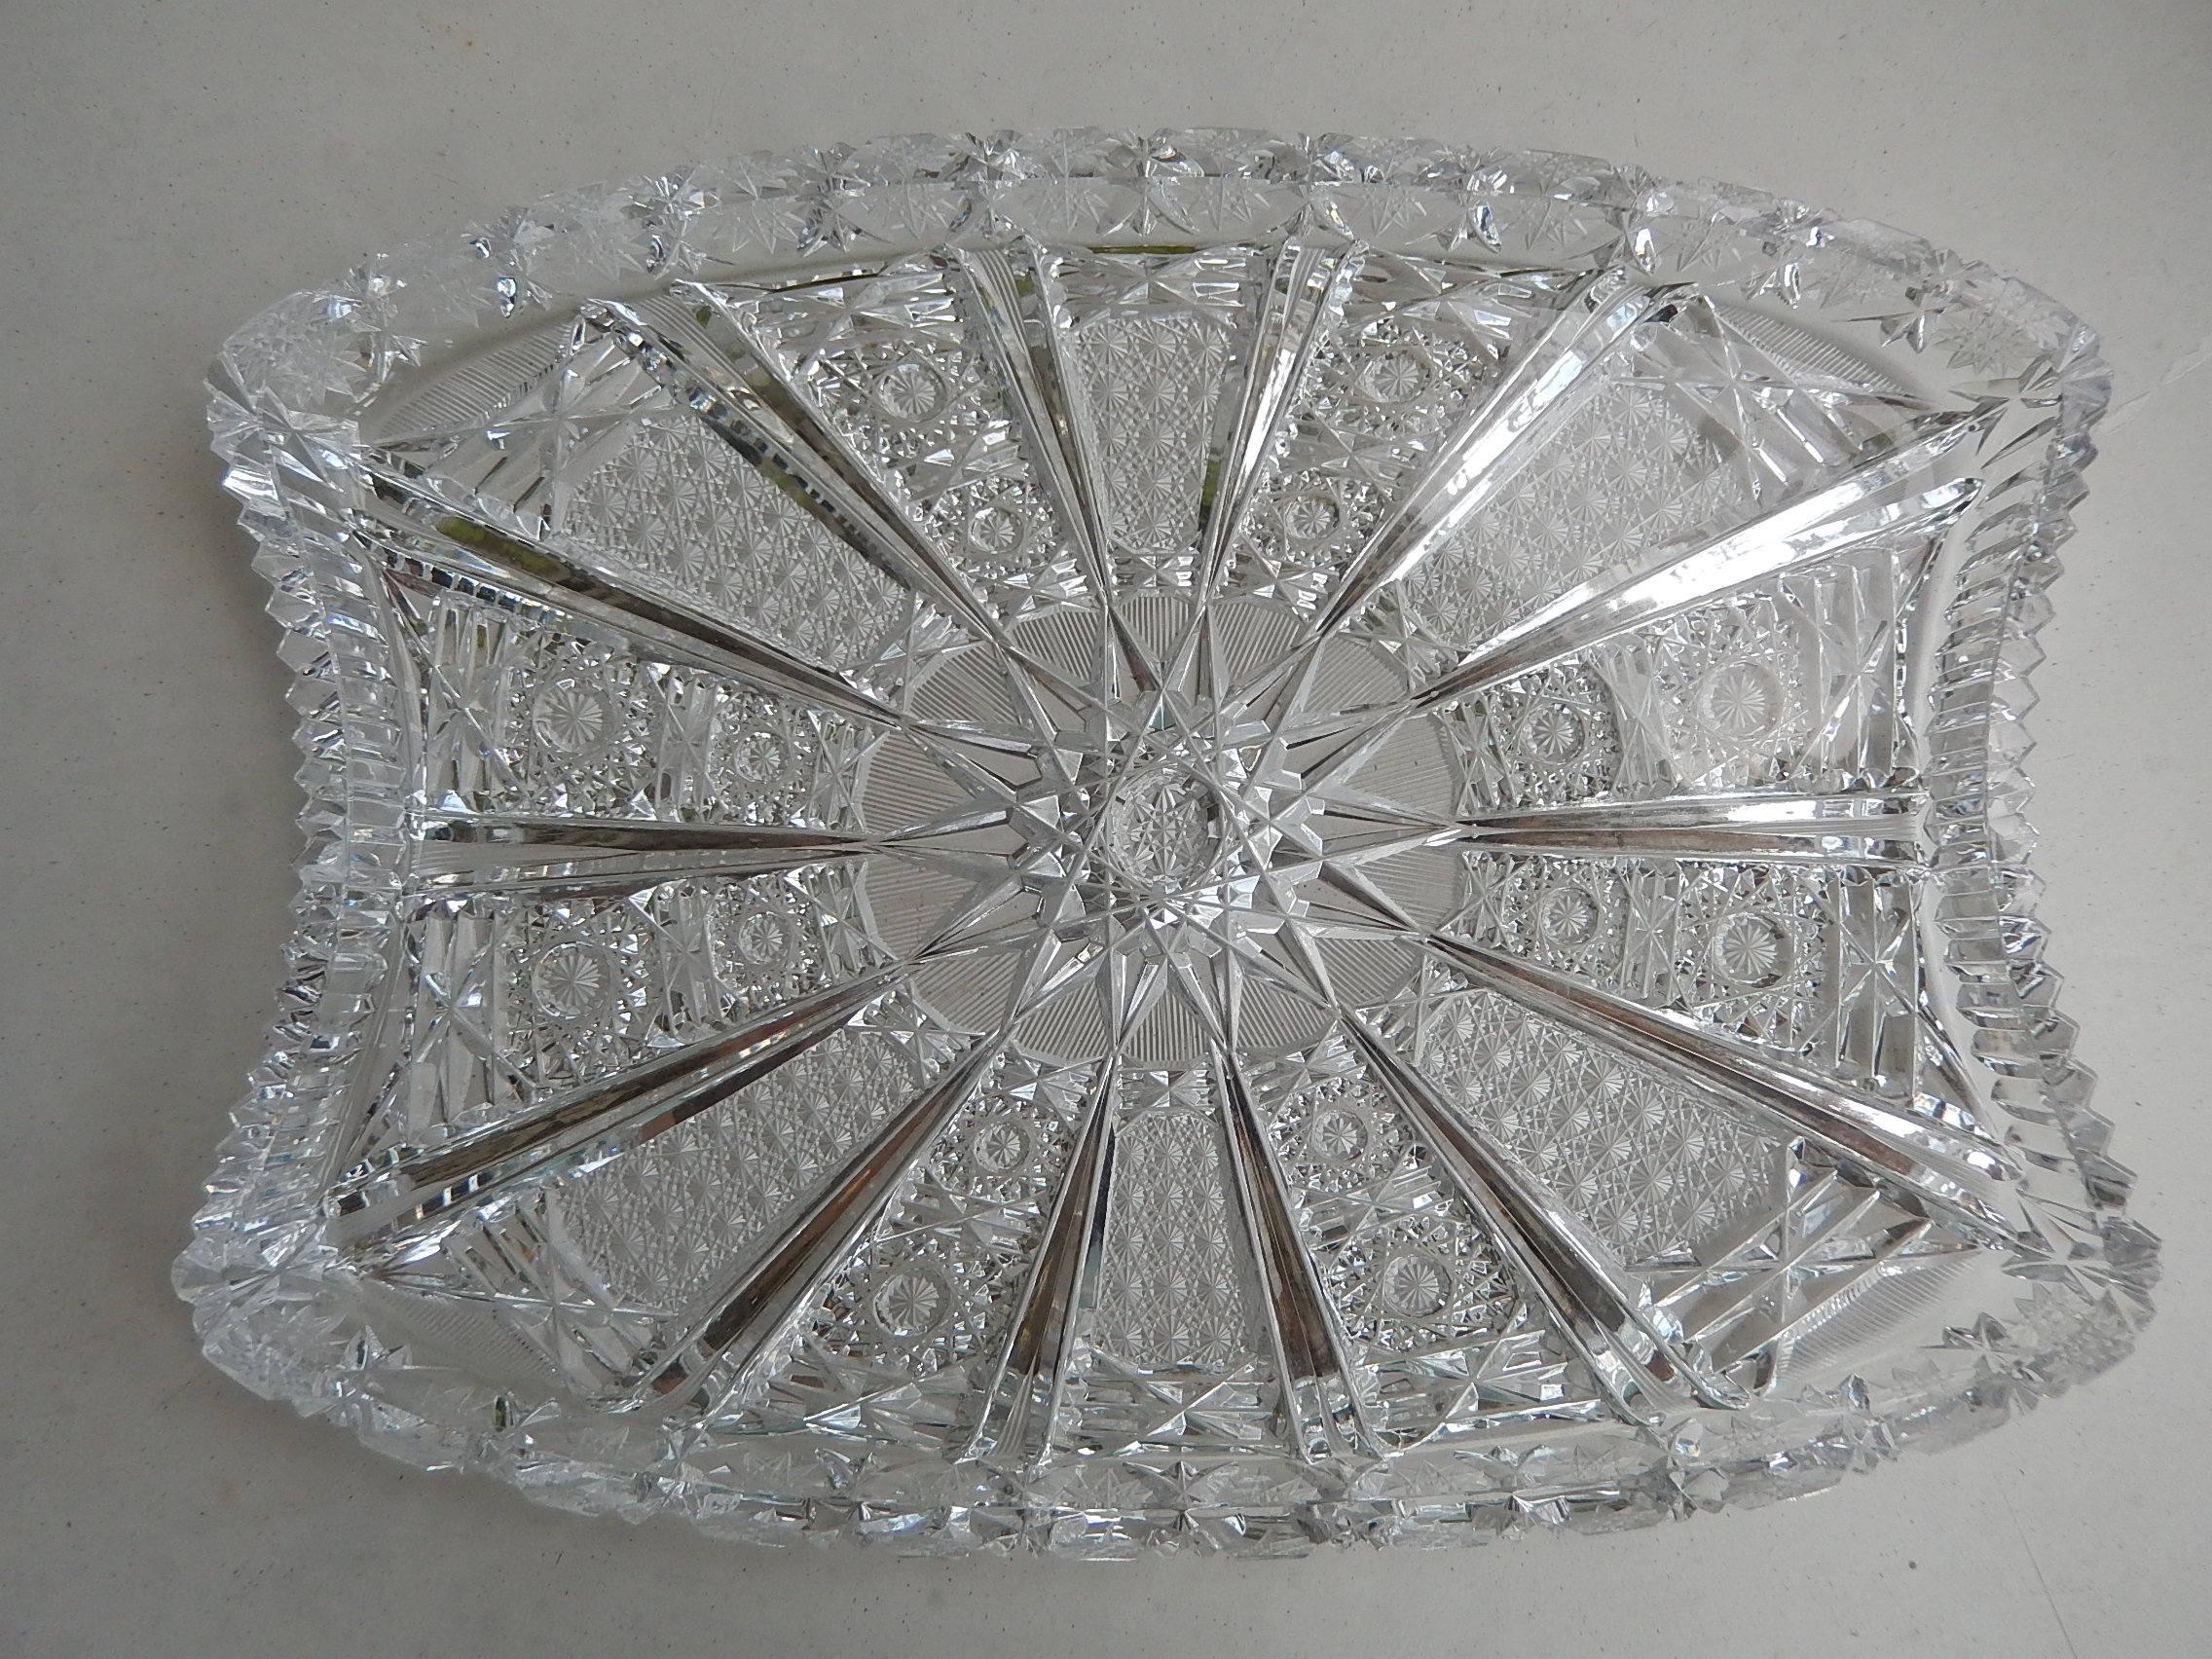 riegel worthopedia olivia crystal vanity new pink swarovski tray